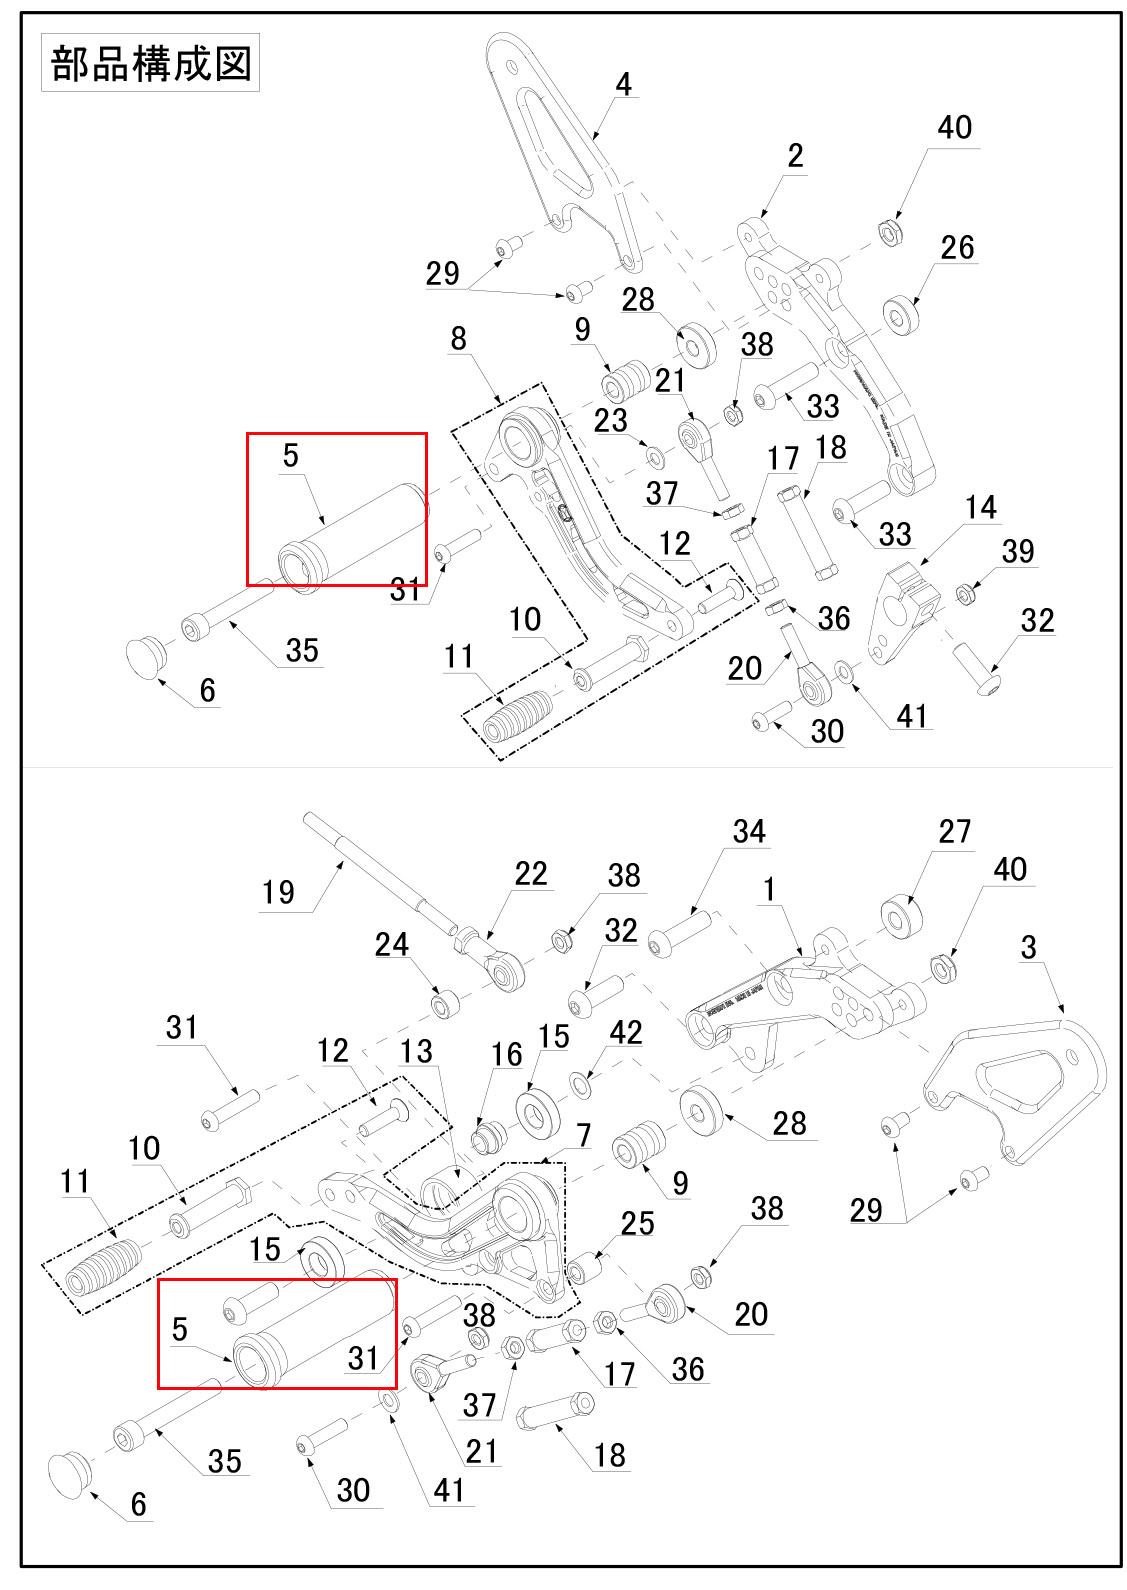 【MORIWAKI】【腳踏後移套件維修部品】 腳踏桿 - 「Webike-摩托百貨」